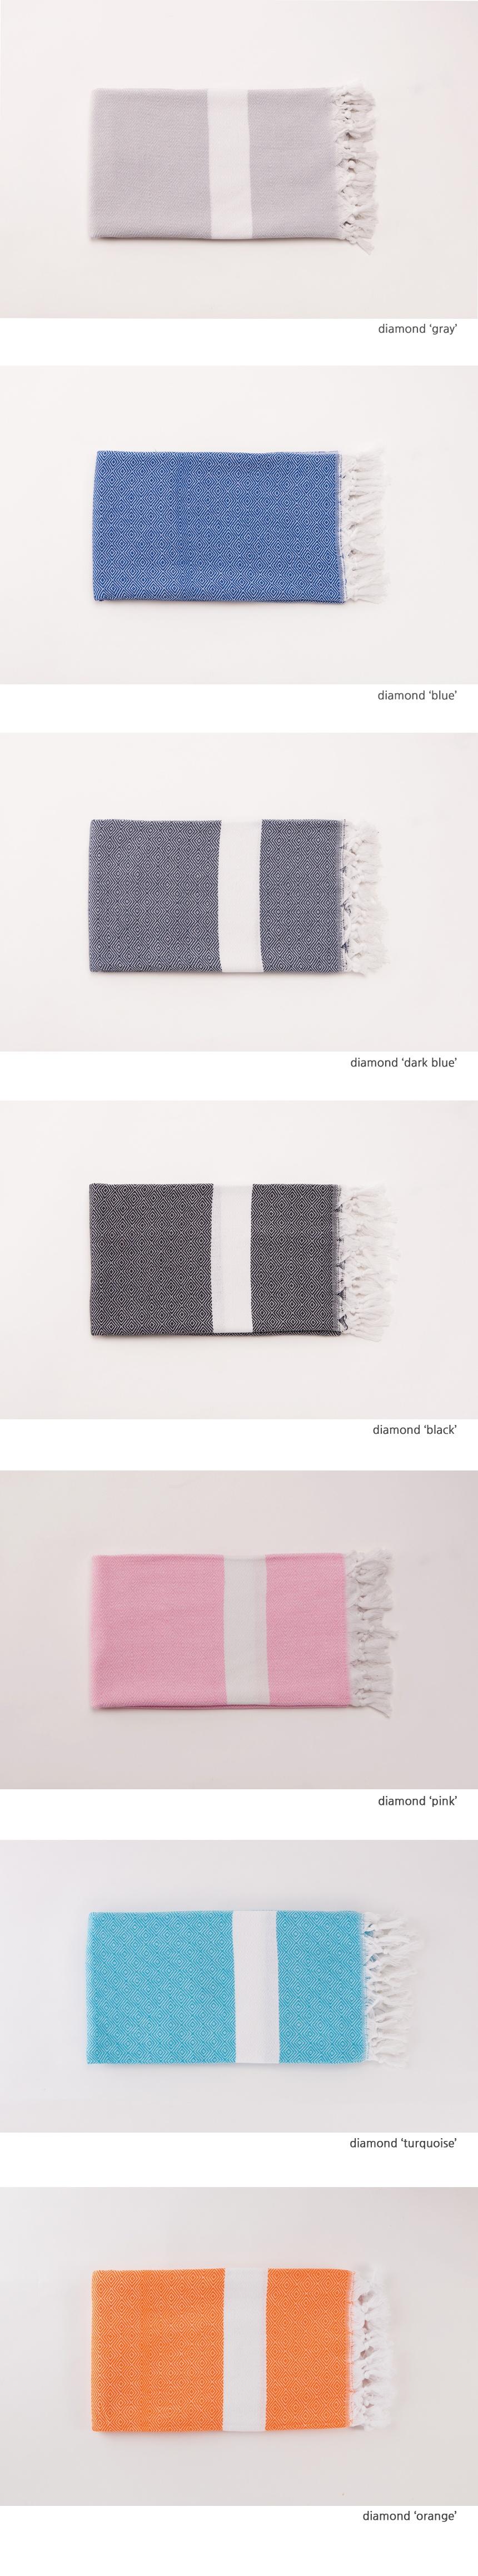 달(DAL) [樂.터키시 코튼 타월] 다이아몬드-핑크